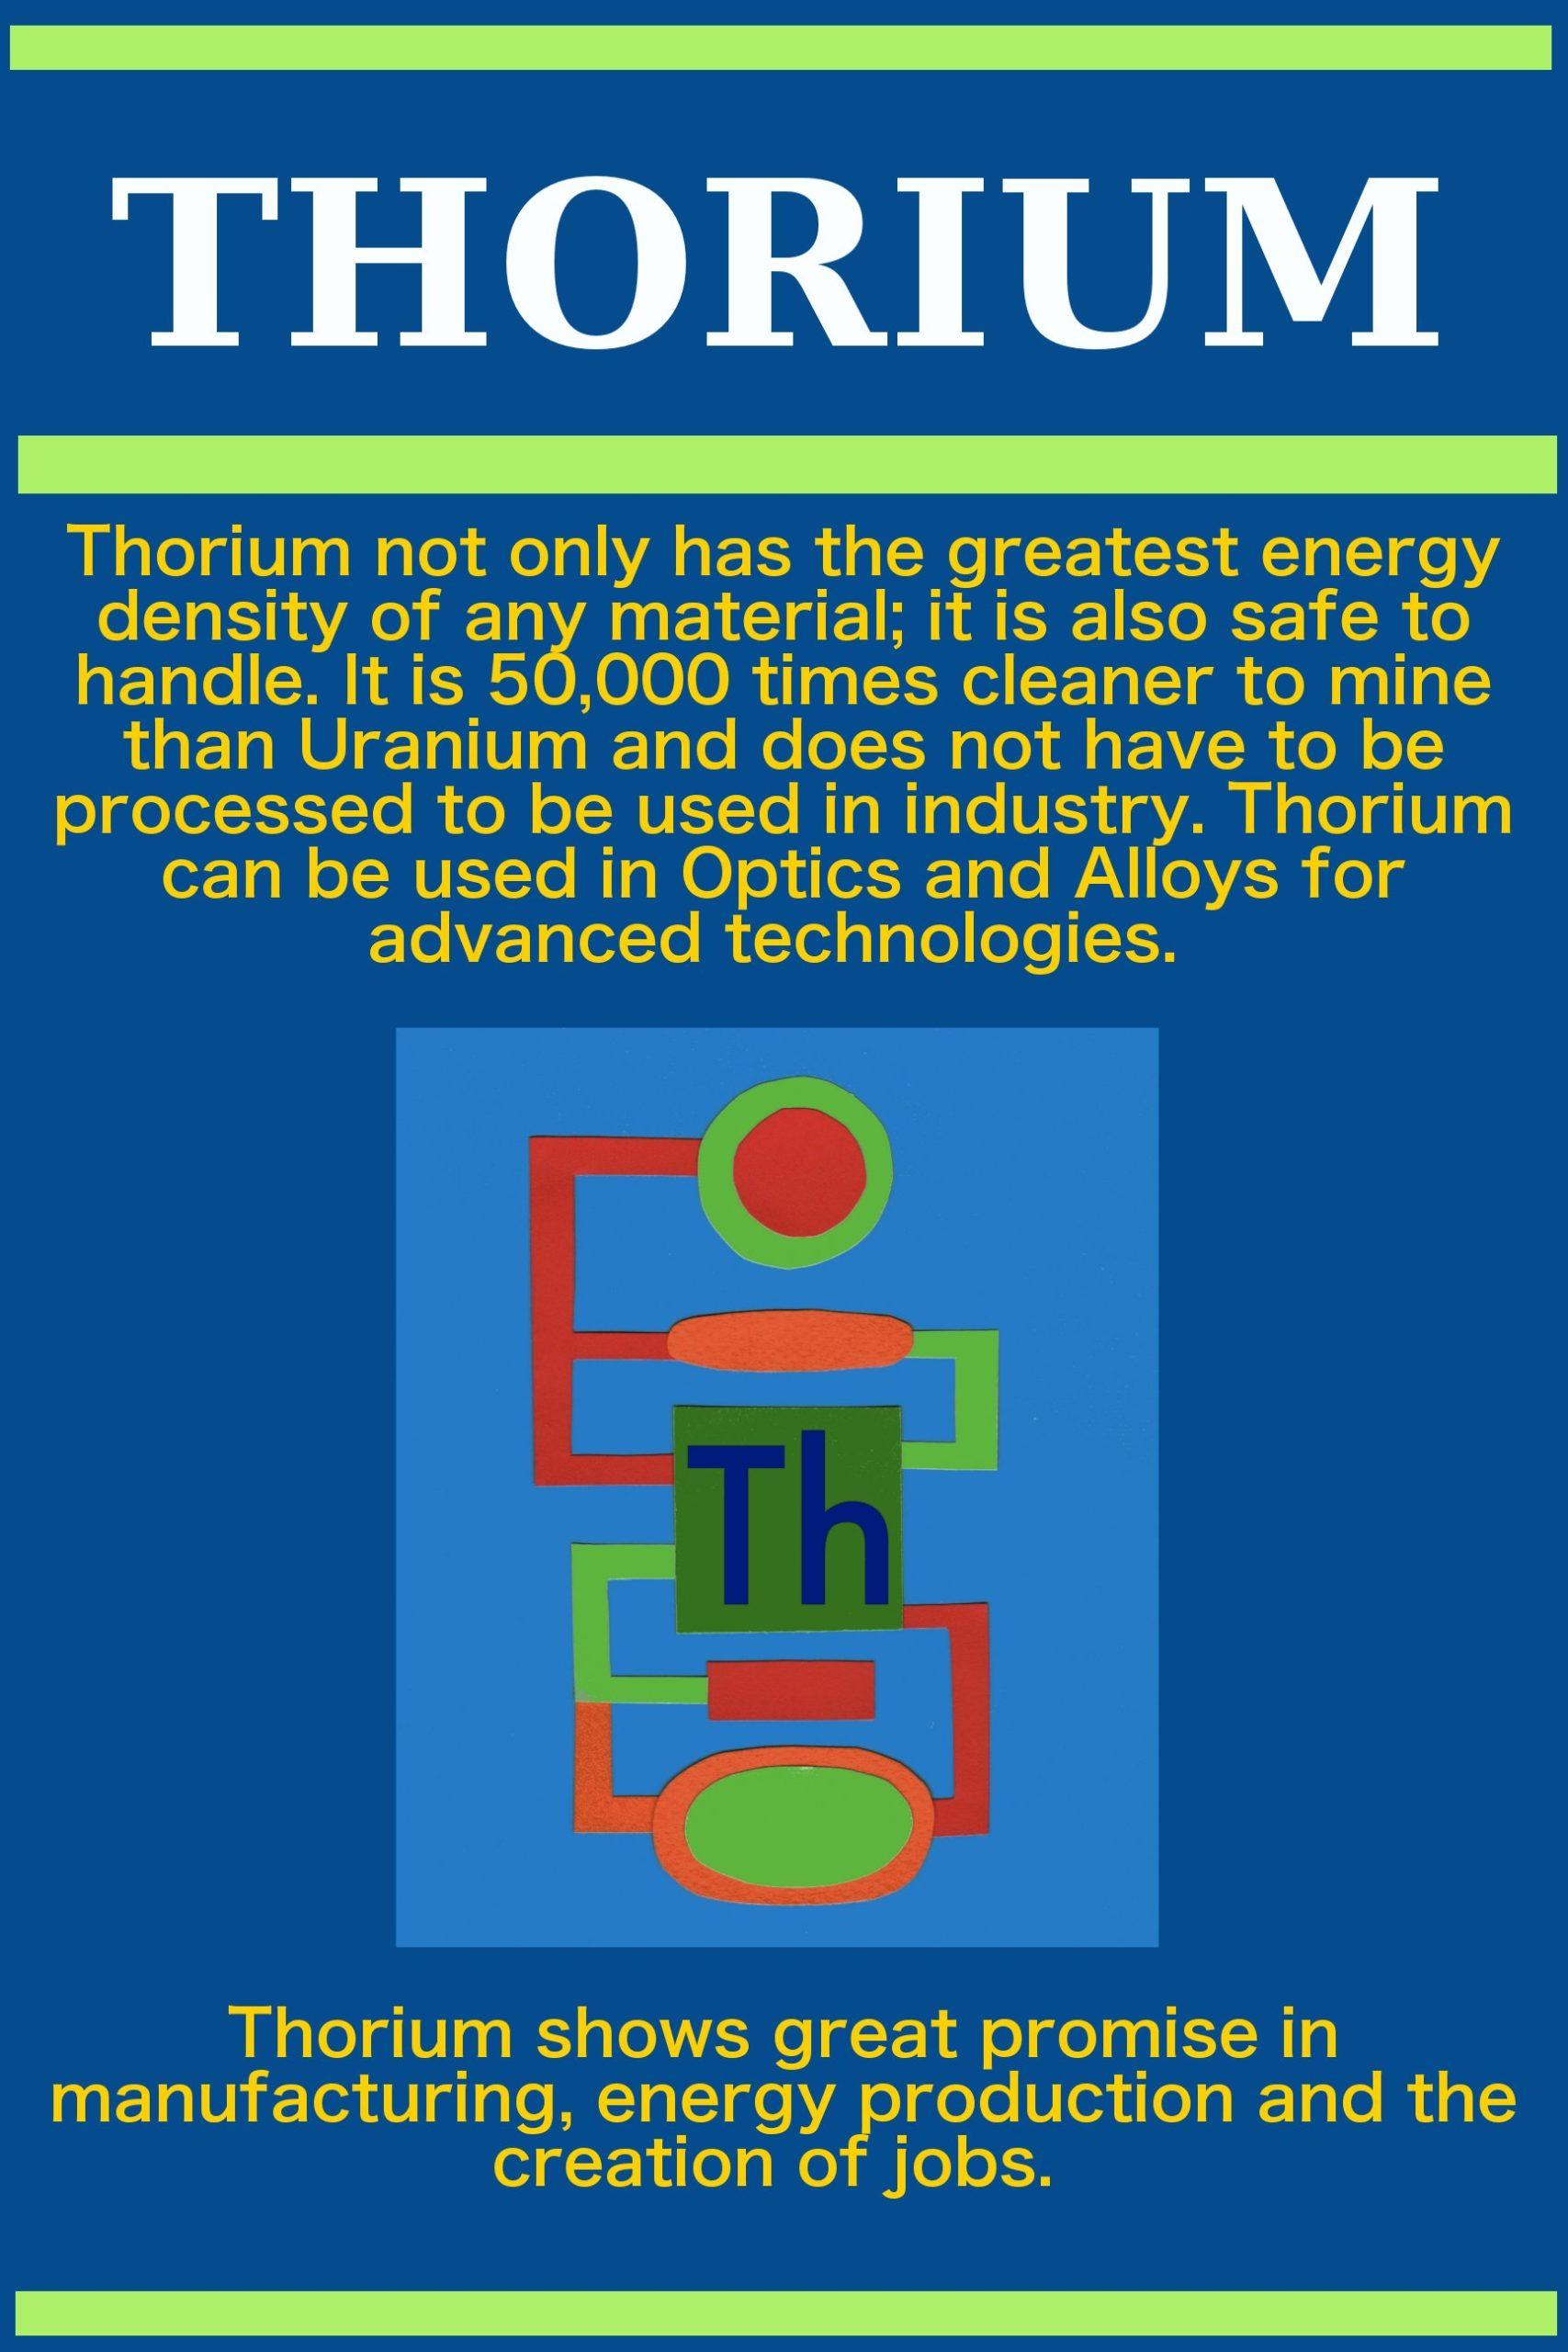 Thorium Poster